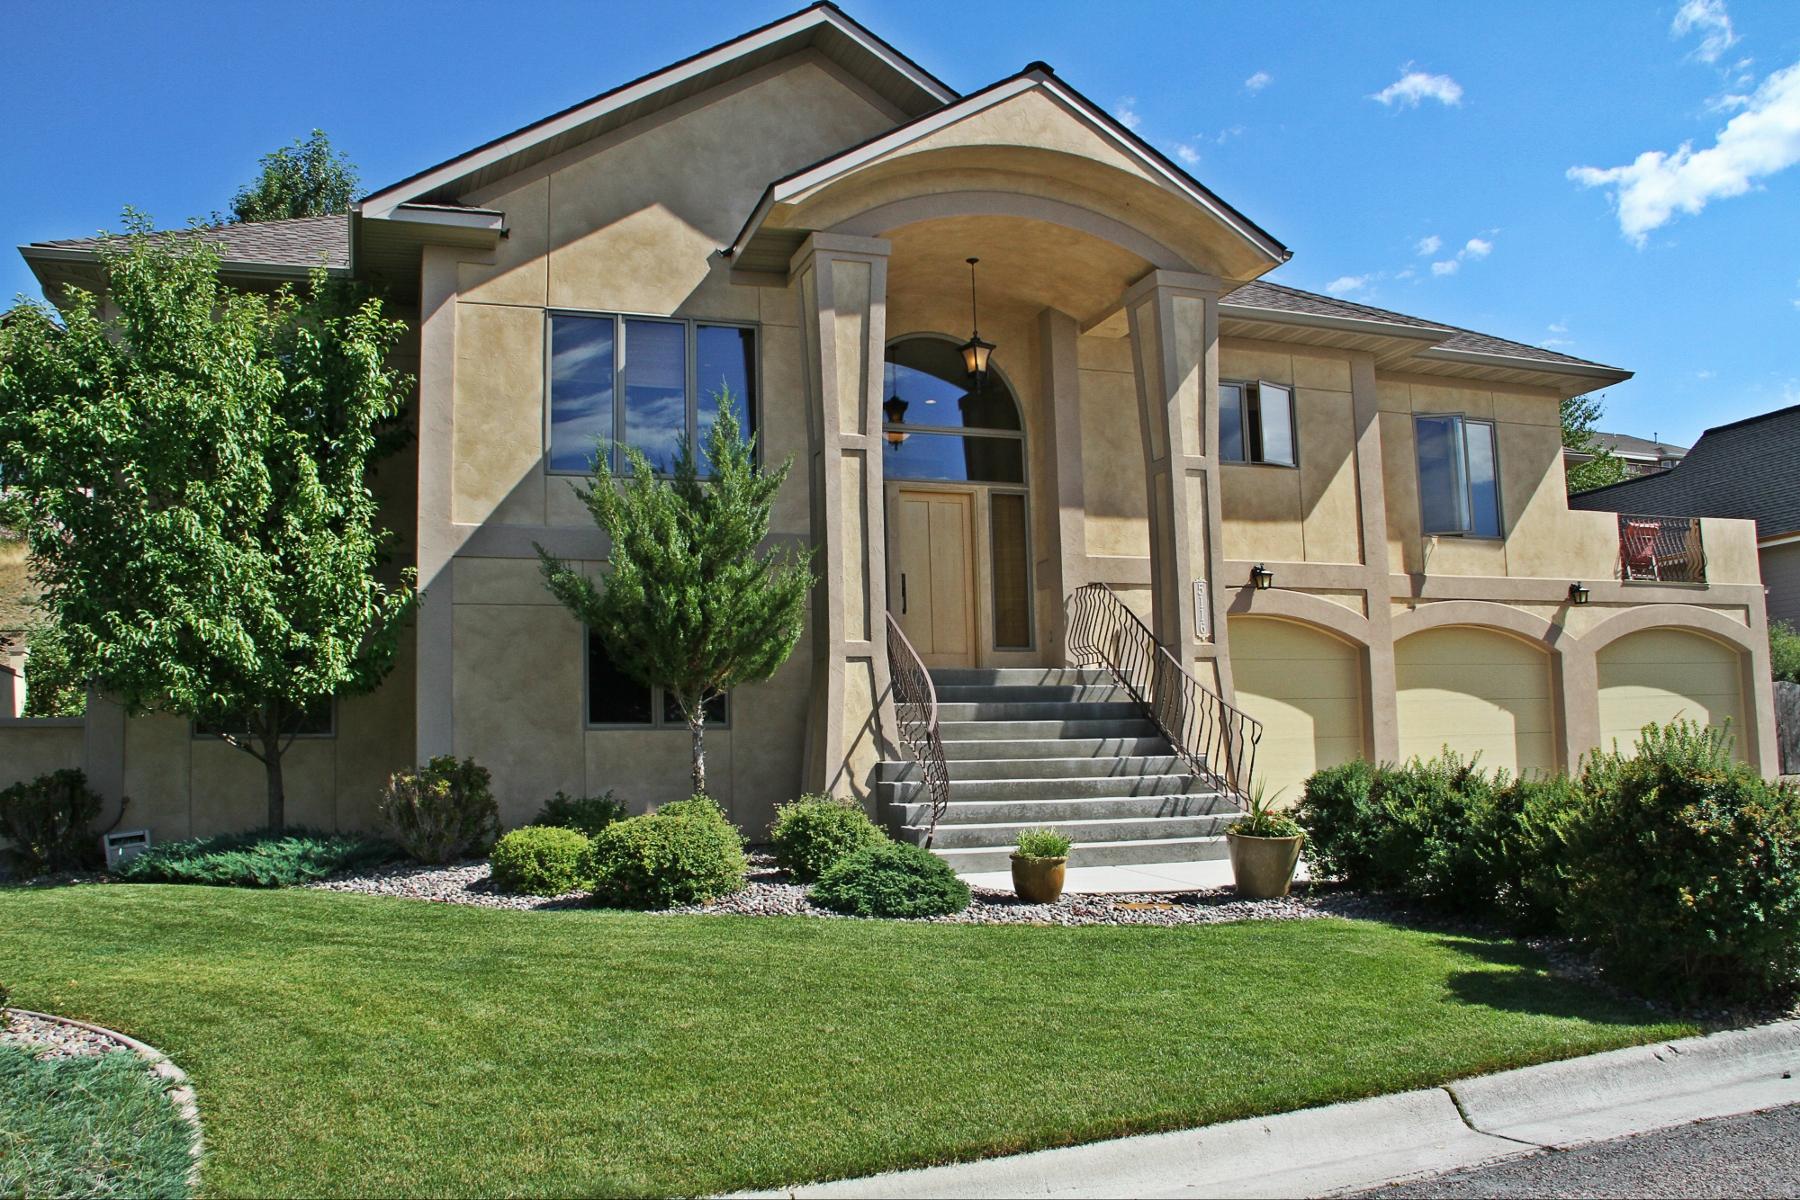 Casa para uma família para Venda às 5116 Pintlar Mountain Court 5116 Pintlar Mountain Court Missoula, Montana, 59803 Estados Unidos